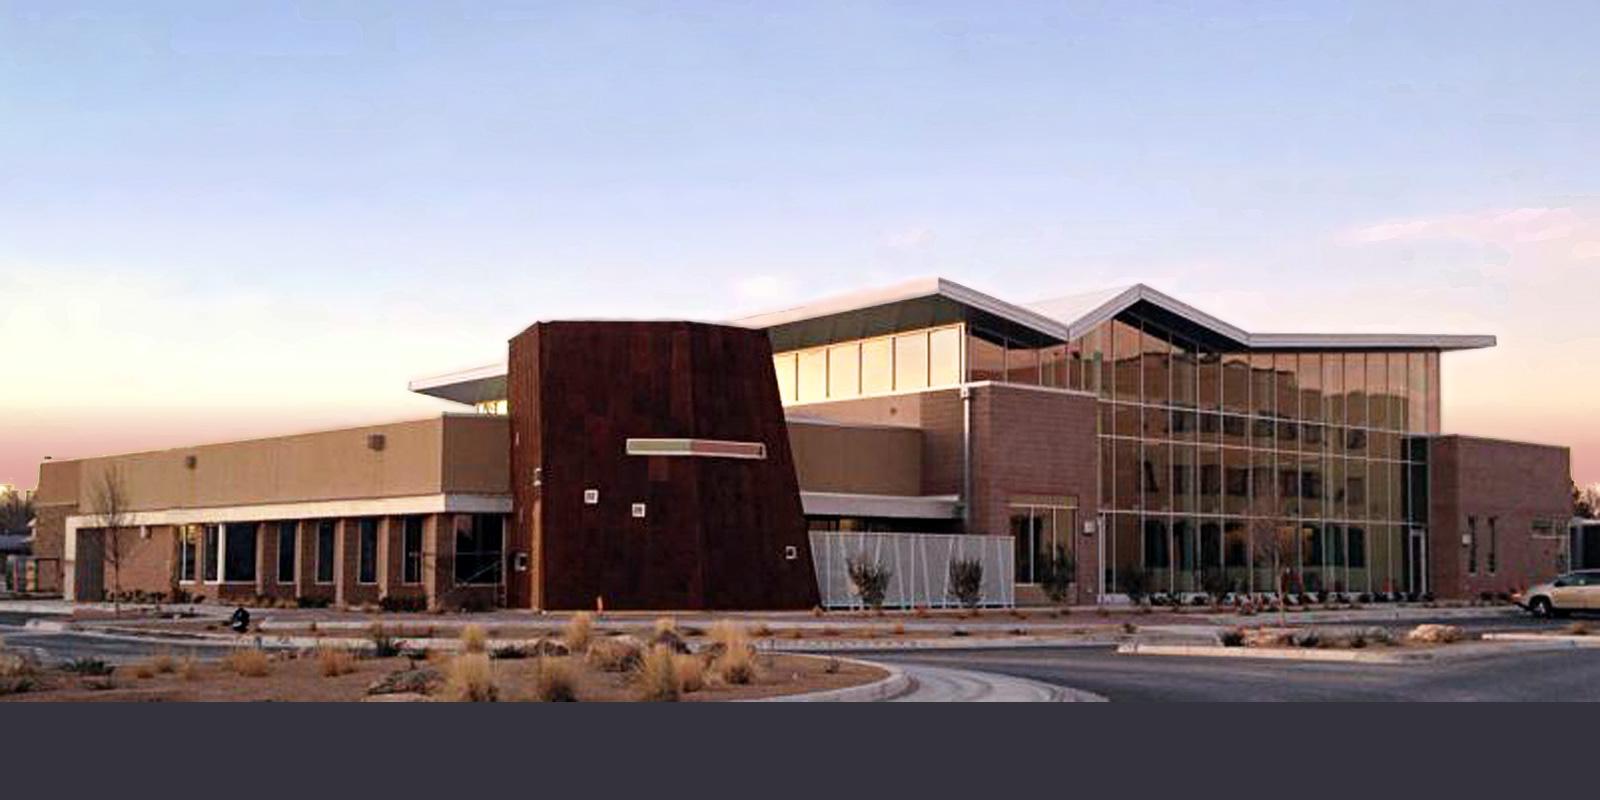 roehrschmitt-architecture_library_artesia_new-mexico-3.jpg